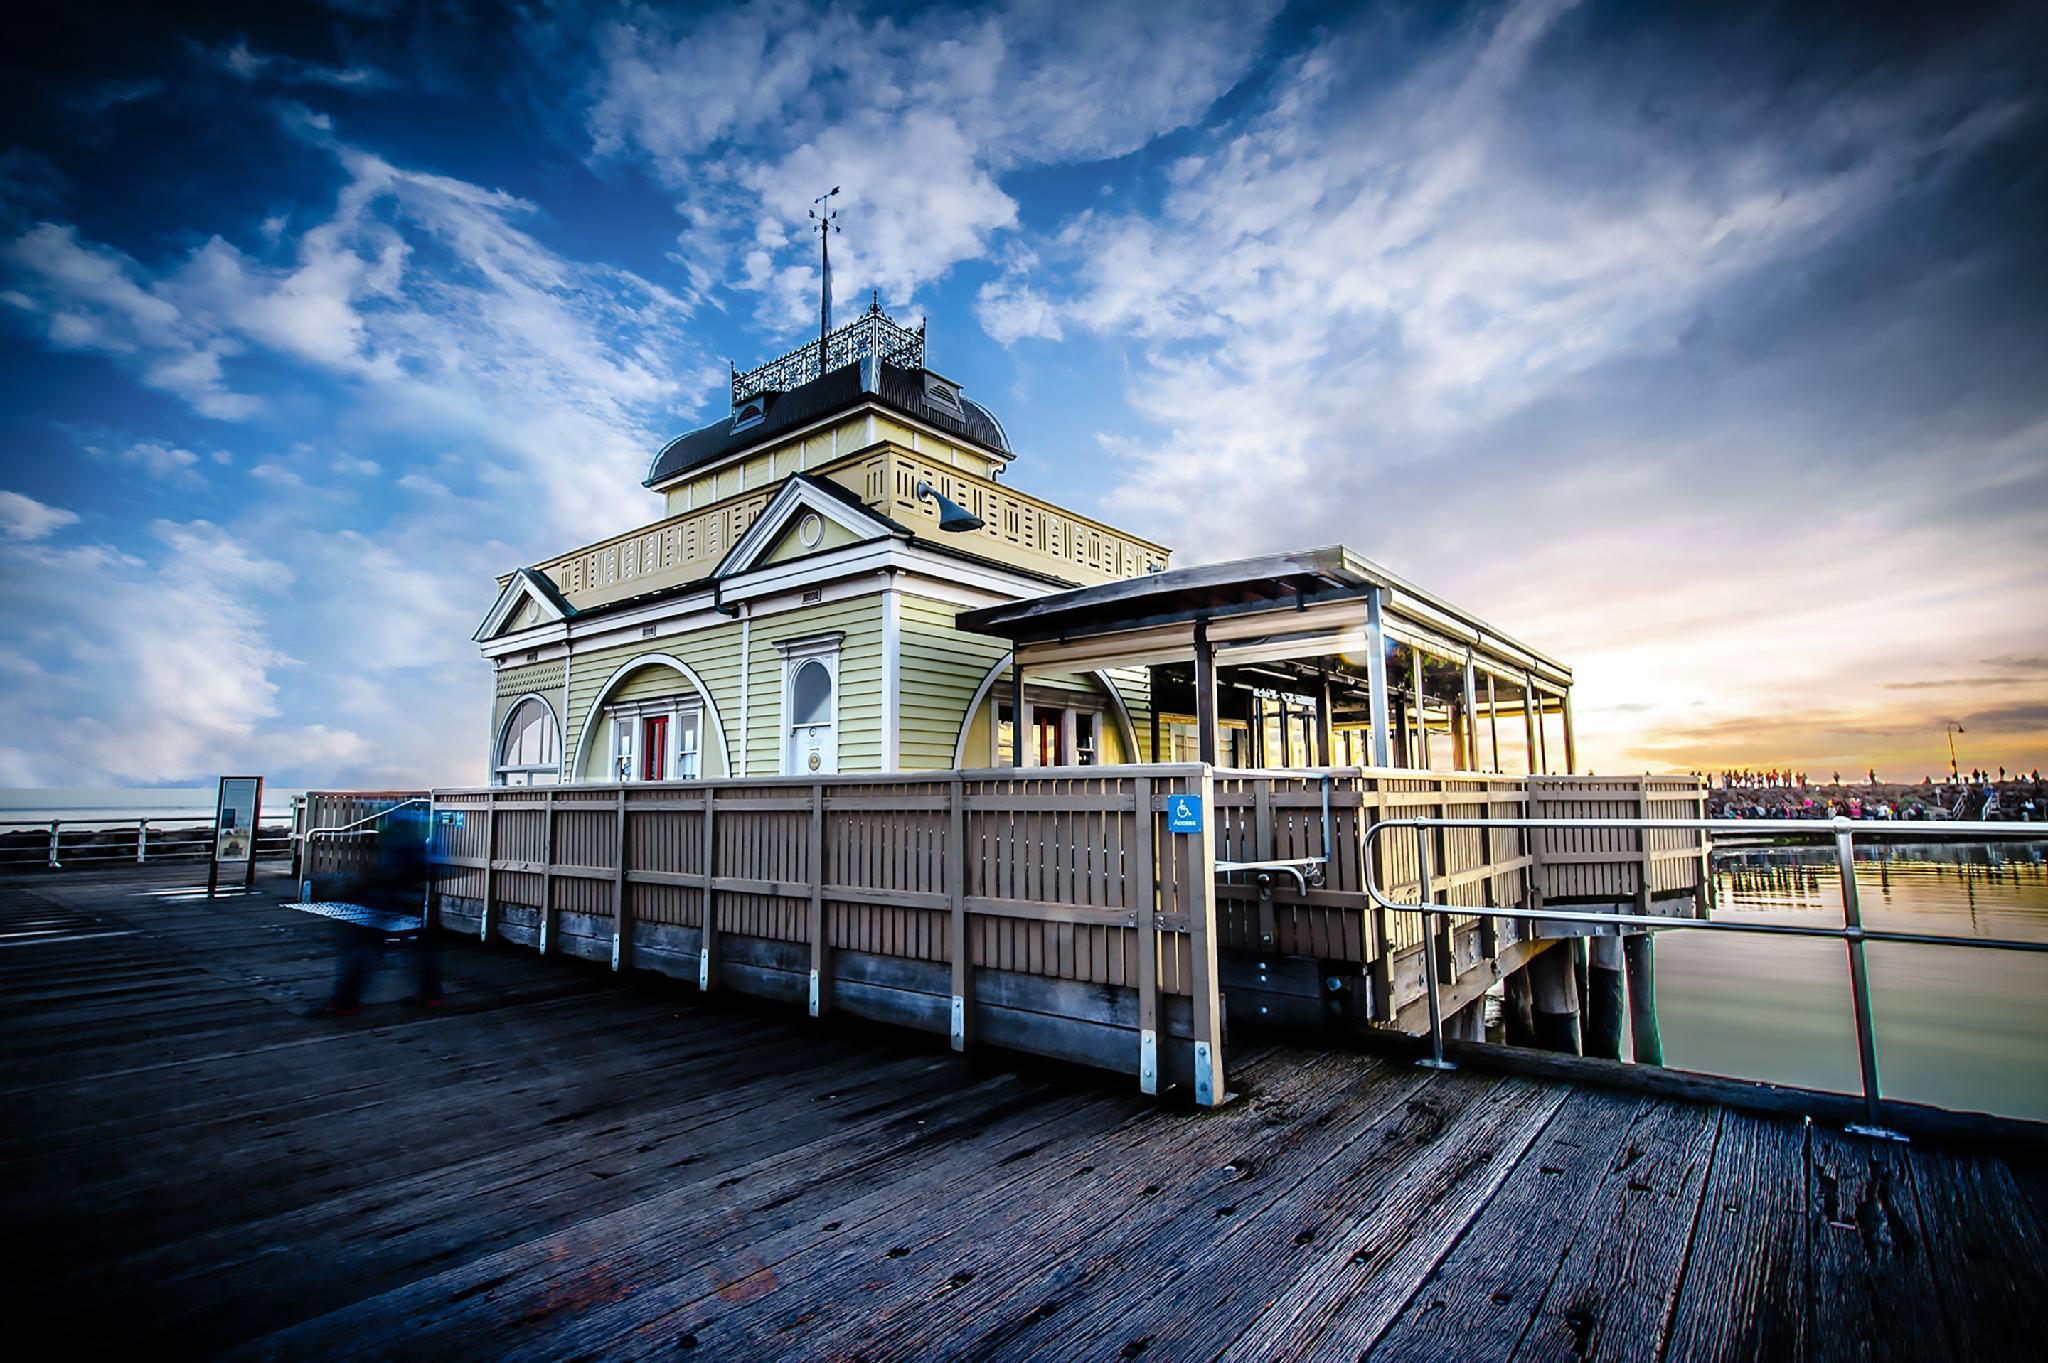 Little St Kilda, Port Phillip - St Kilda